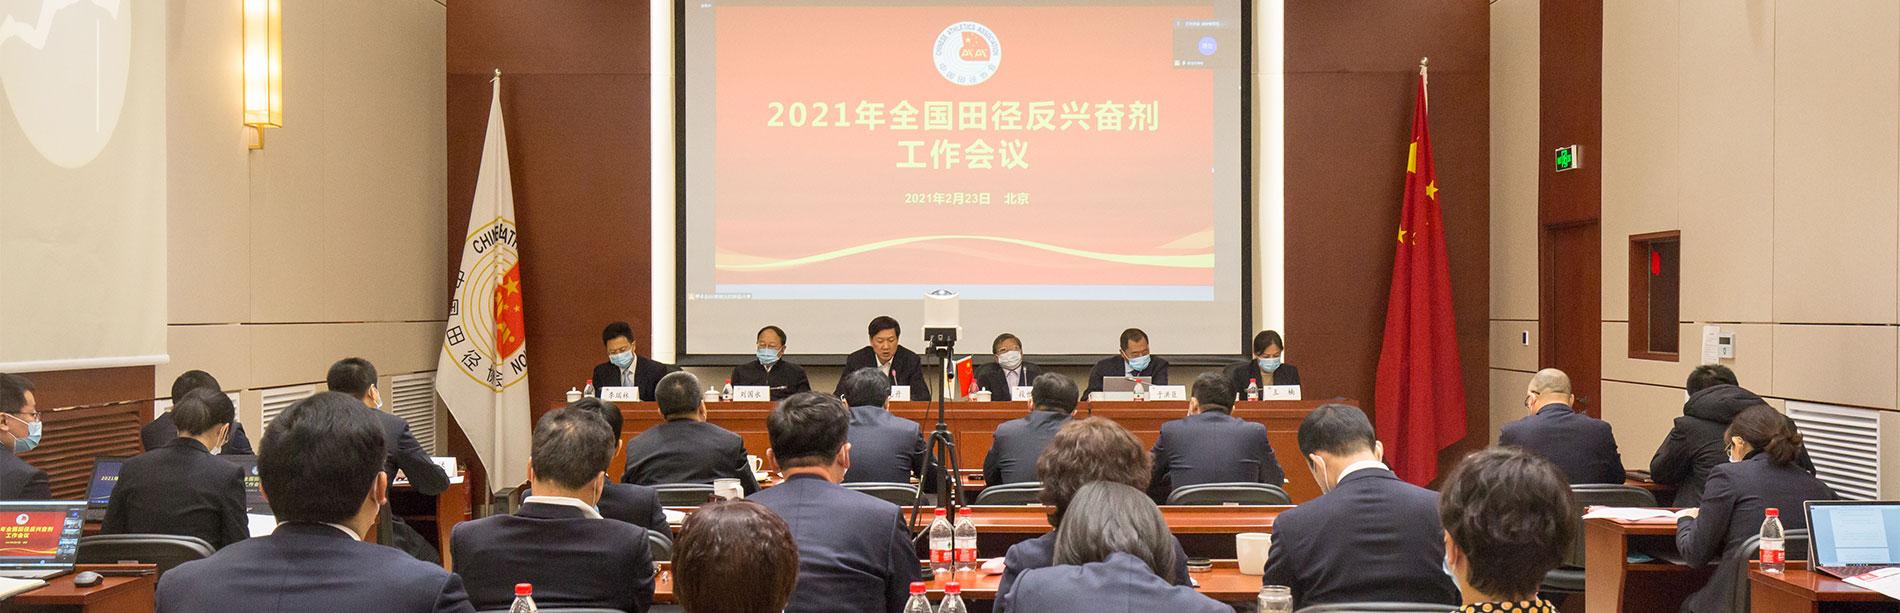 中国田径协会召开2021年全国田径反兴奋剂工作会议